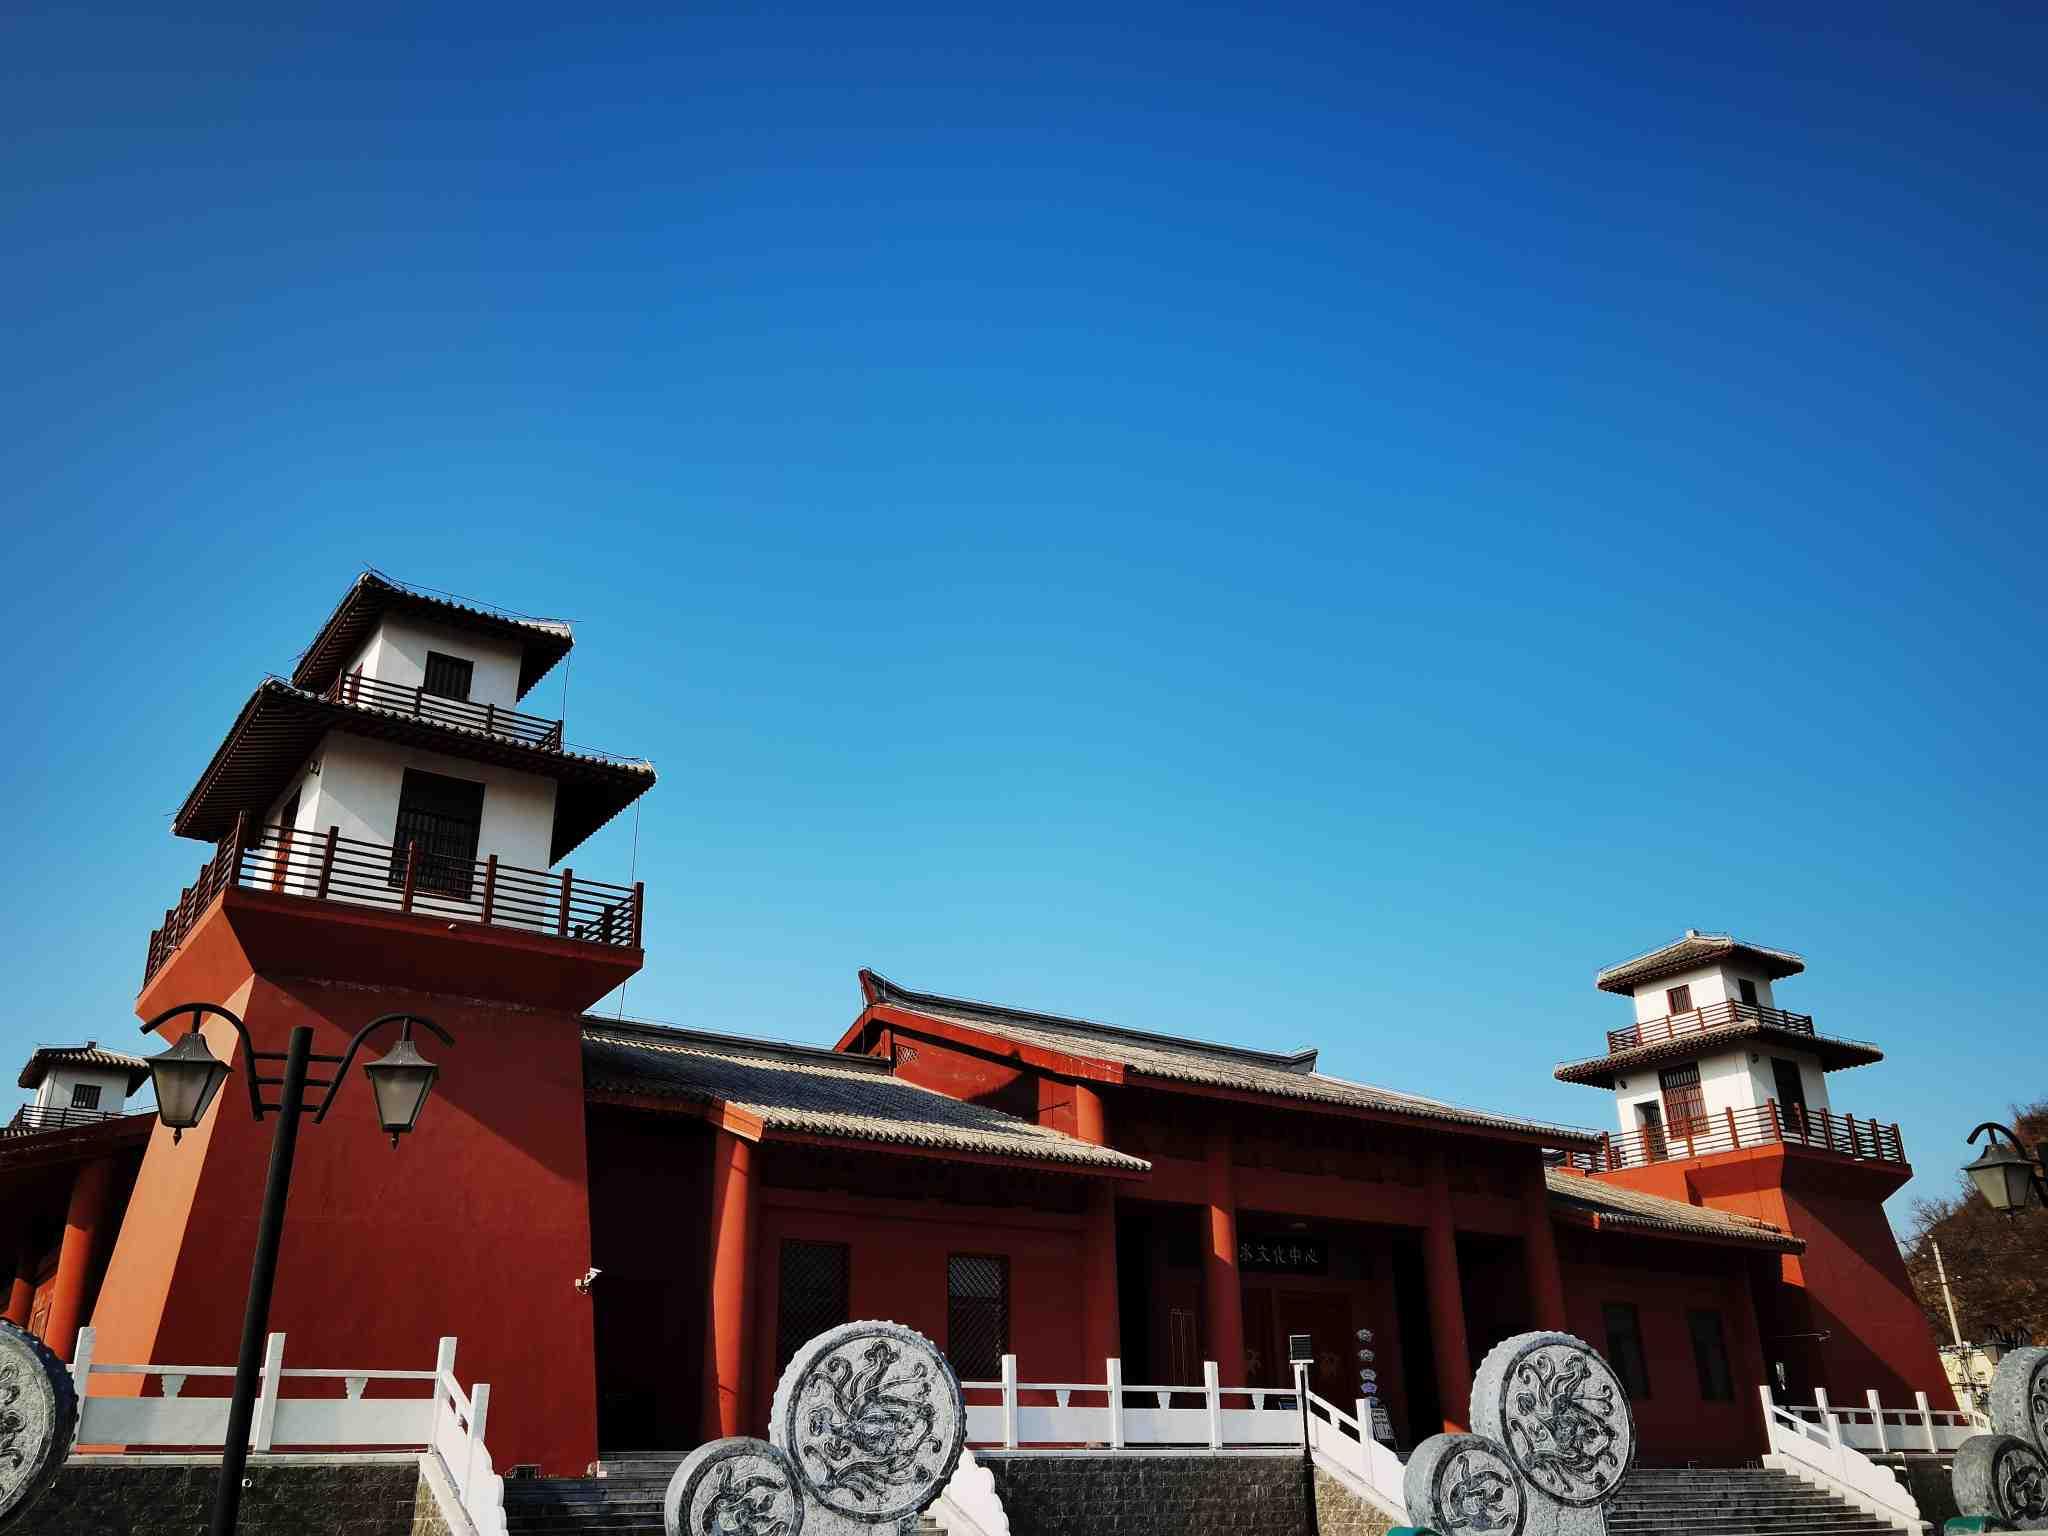 荥阳市汜水镇:文化古村的前世今生